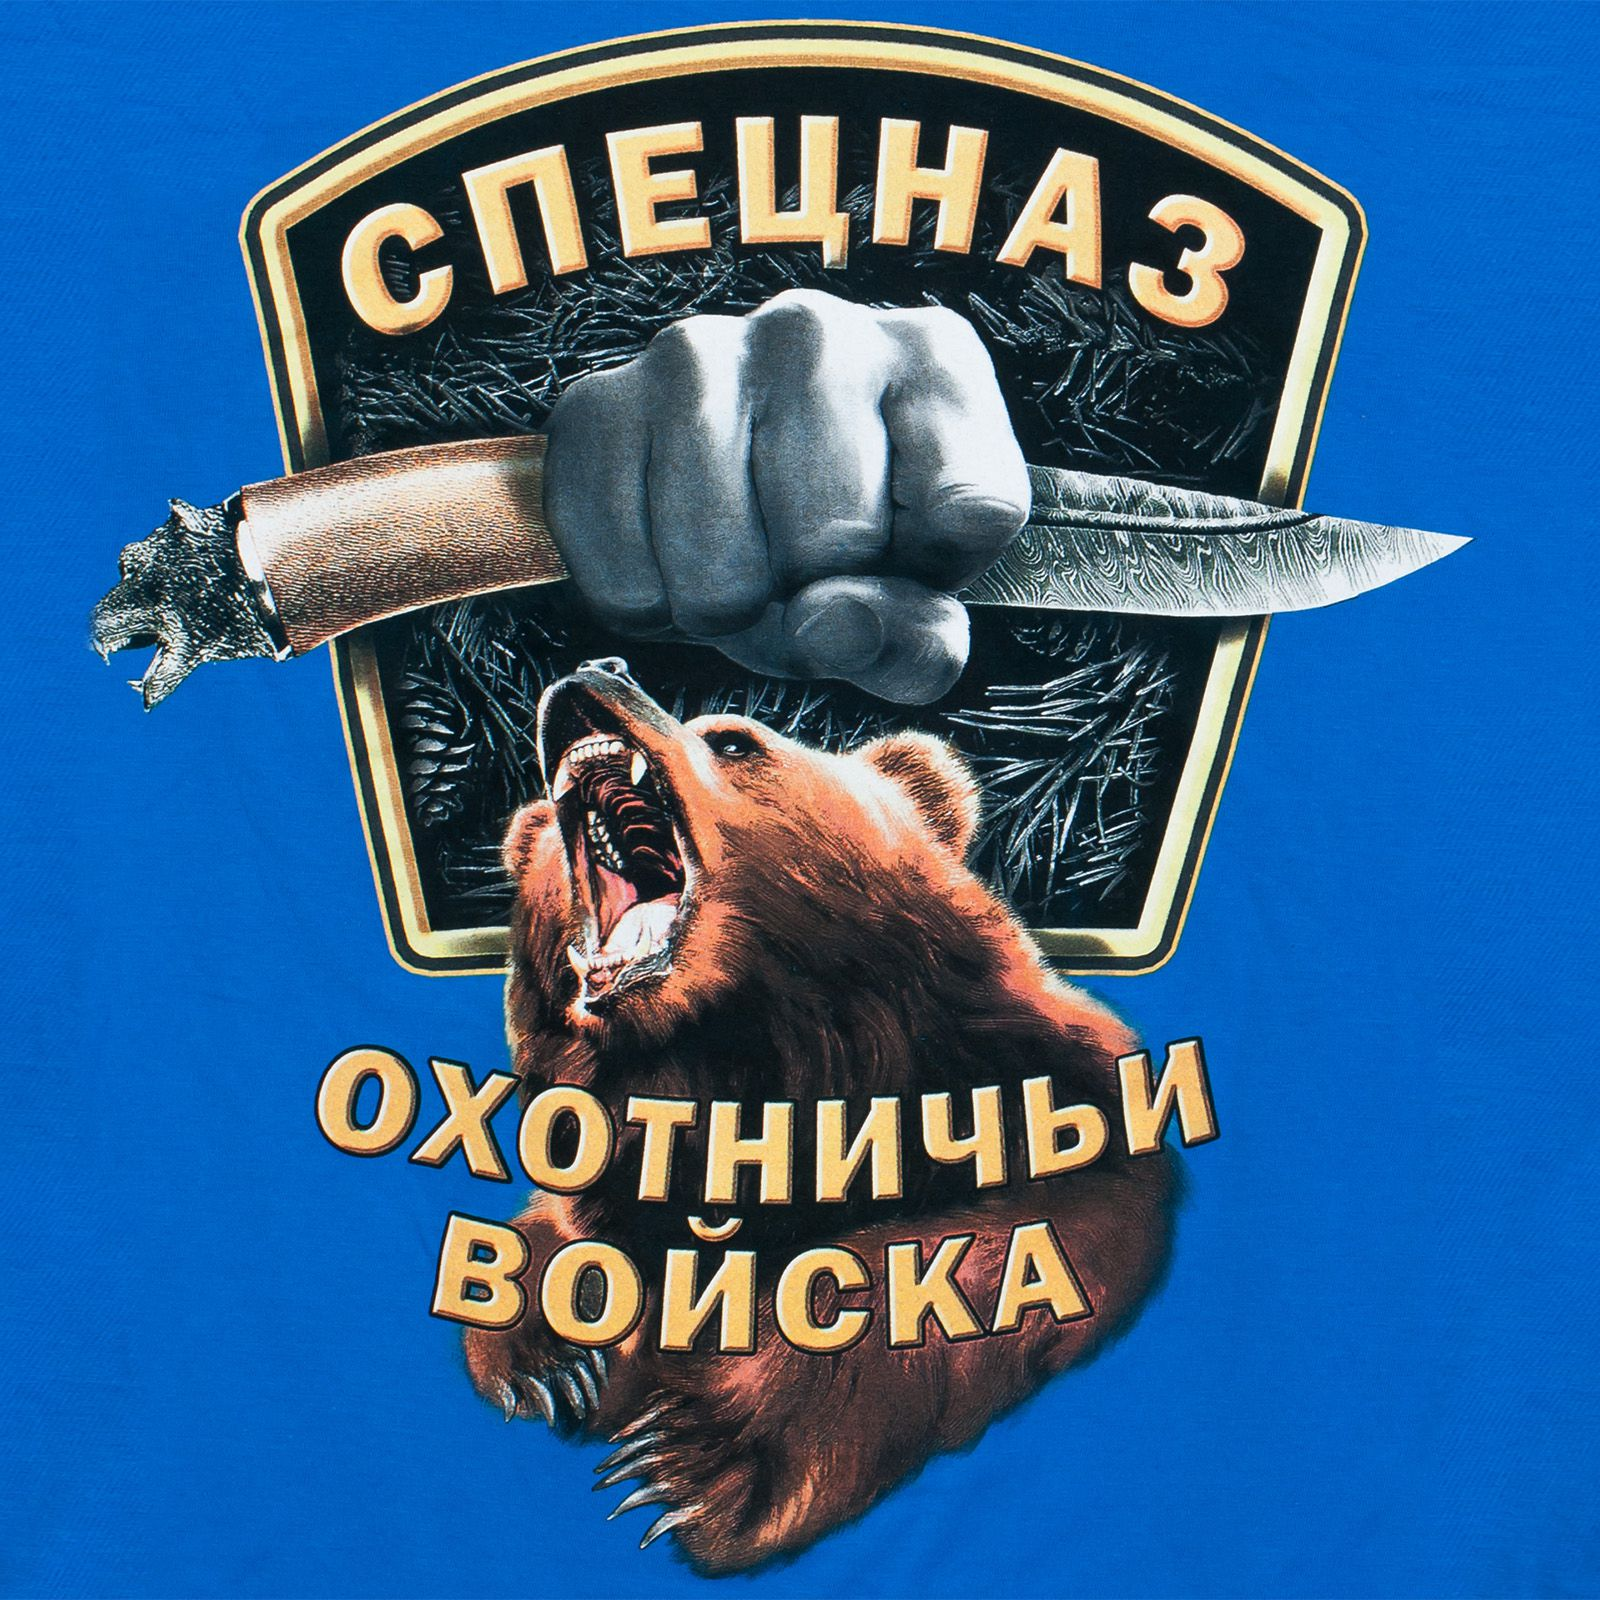 Футболка с медведем и надписью - авторский принт